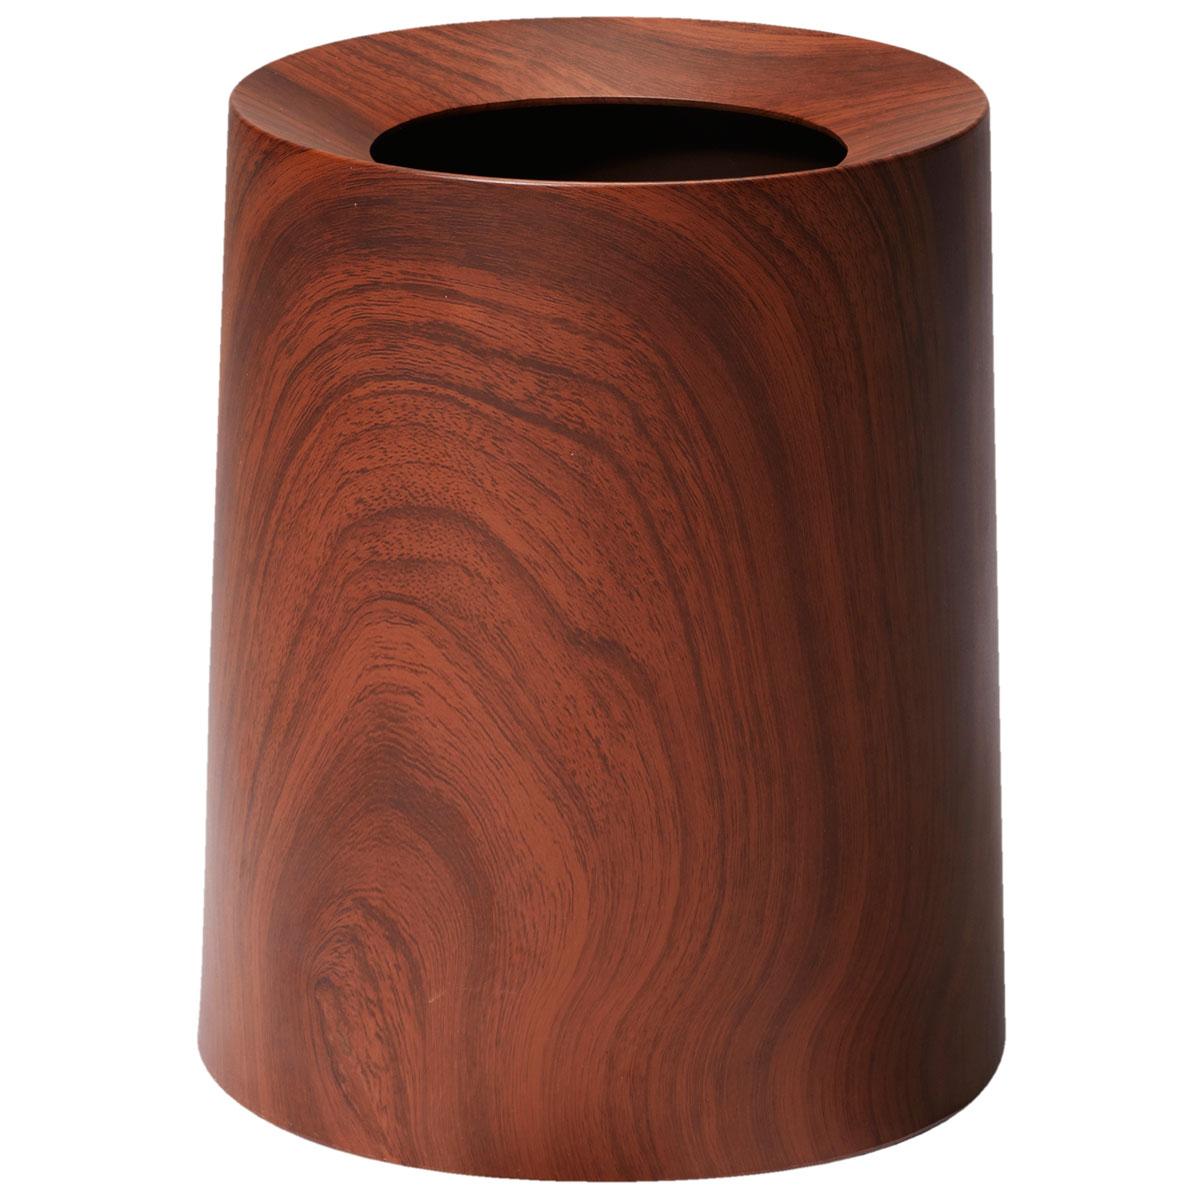 ゴミ箱 ideaco TUBELOR HOMME 木目調 ウッド調 リビングに最適! ダストボックス ごみ箱 イデアコ チューブラーオム ローズウッド